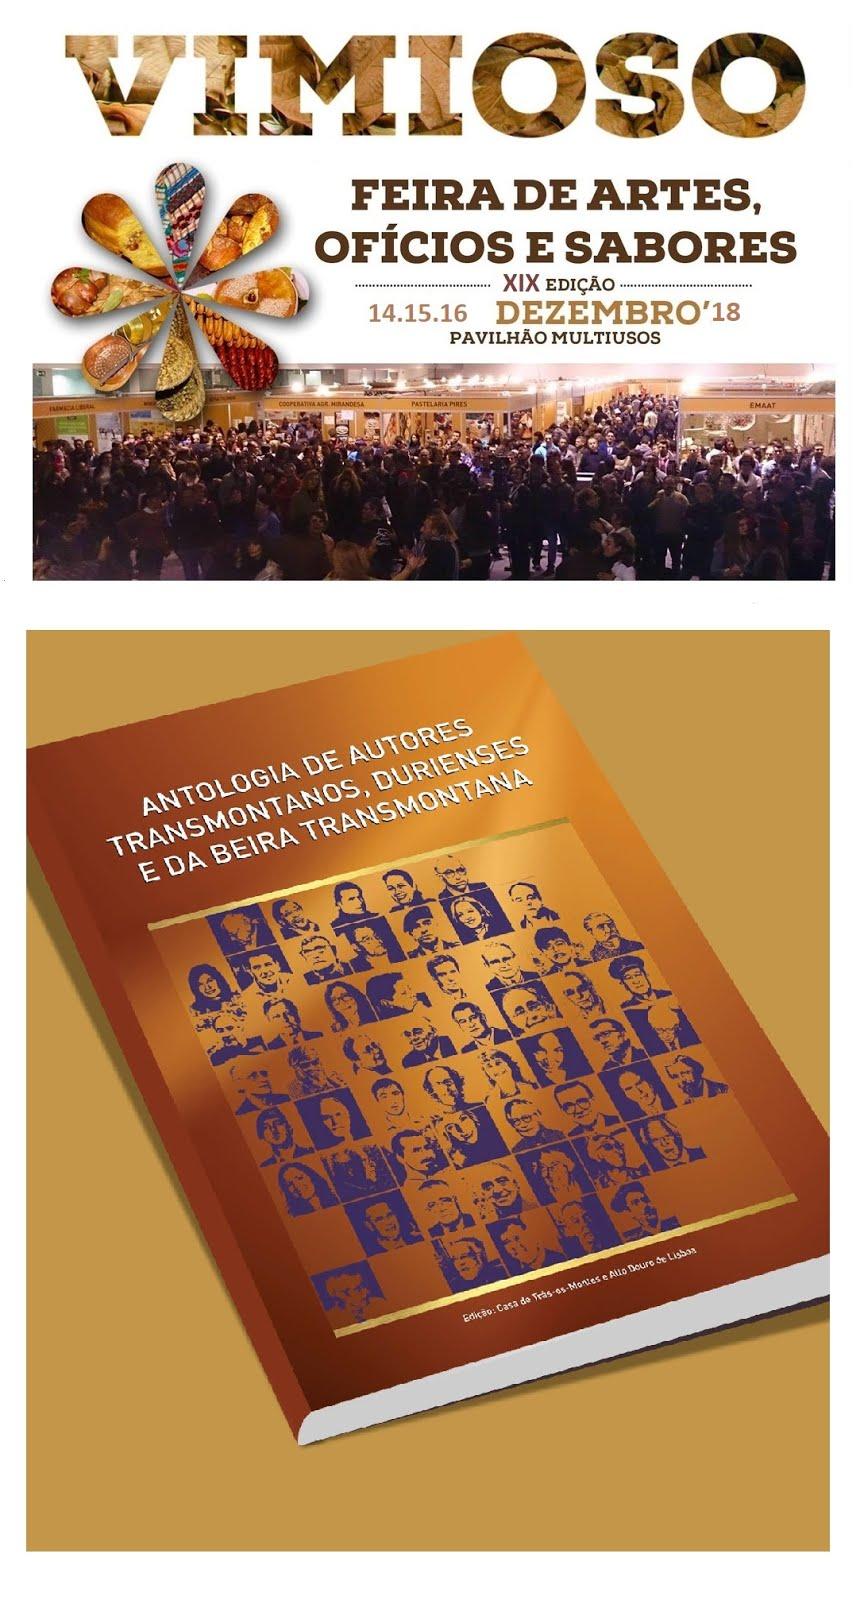 Antologia de Autores em Vimioso